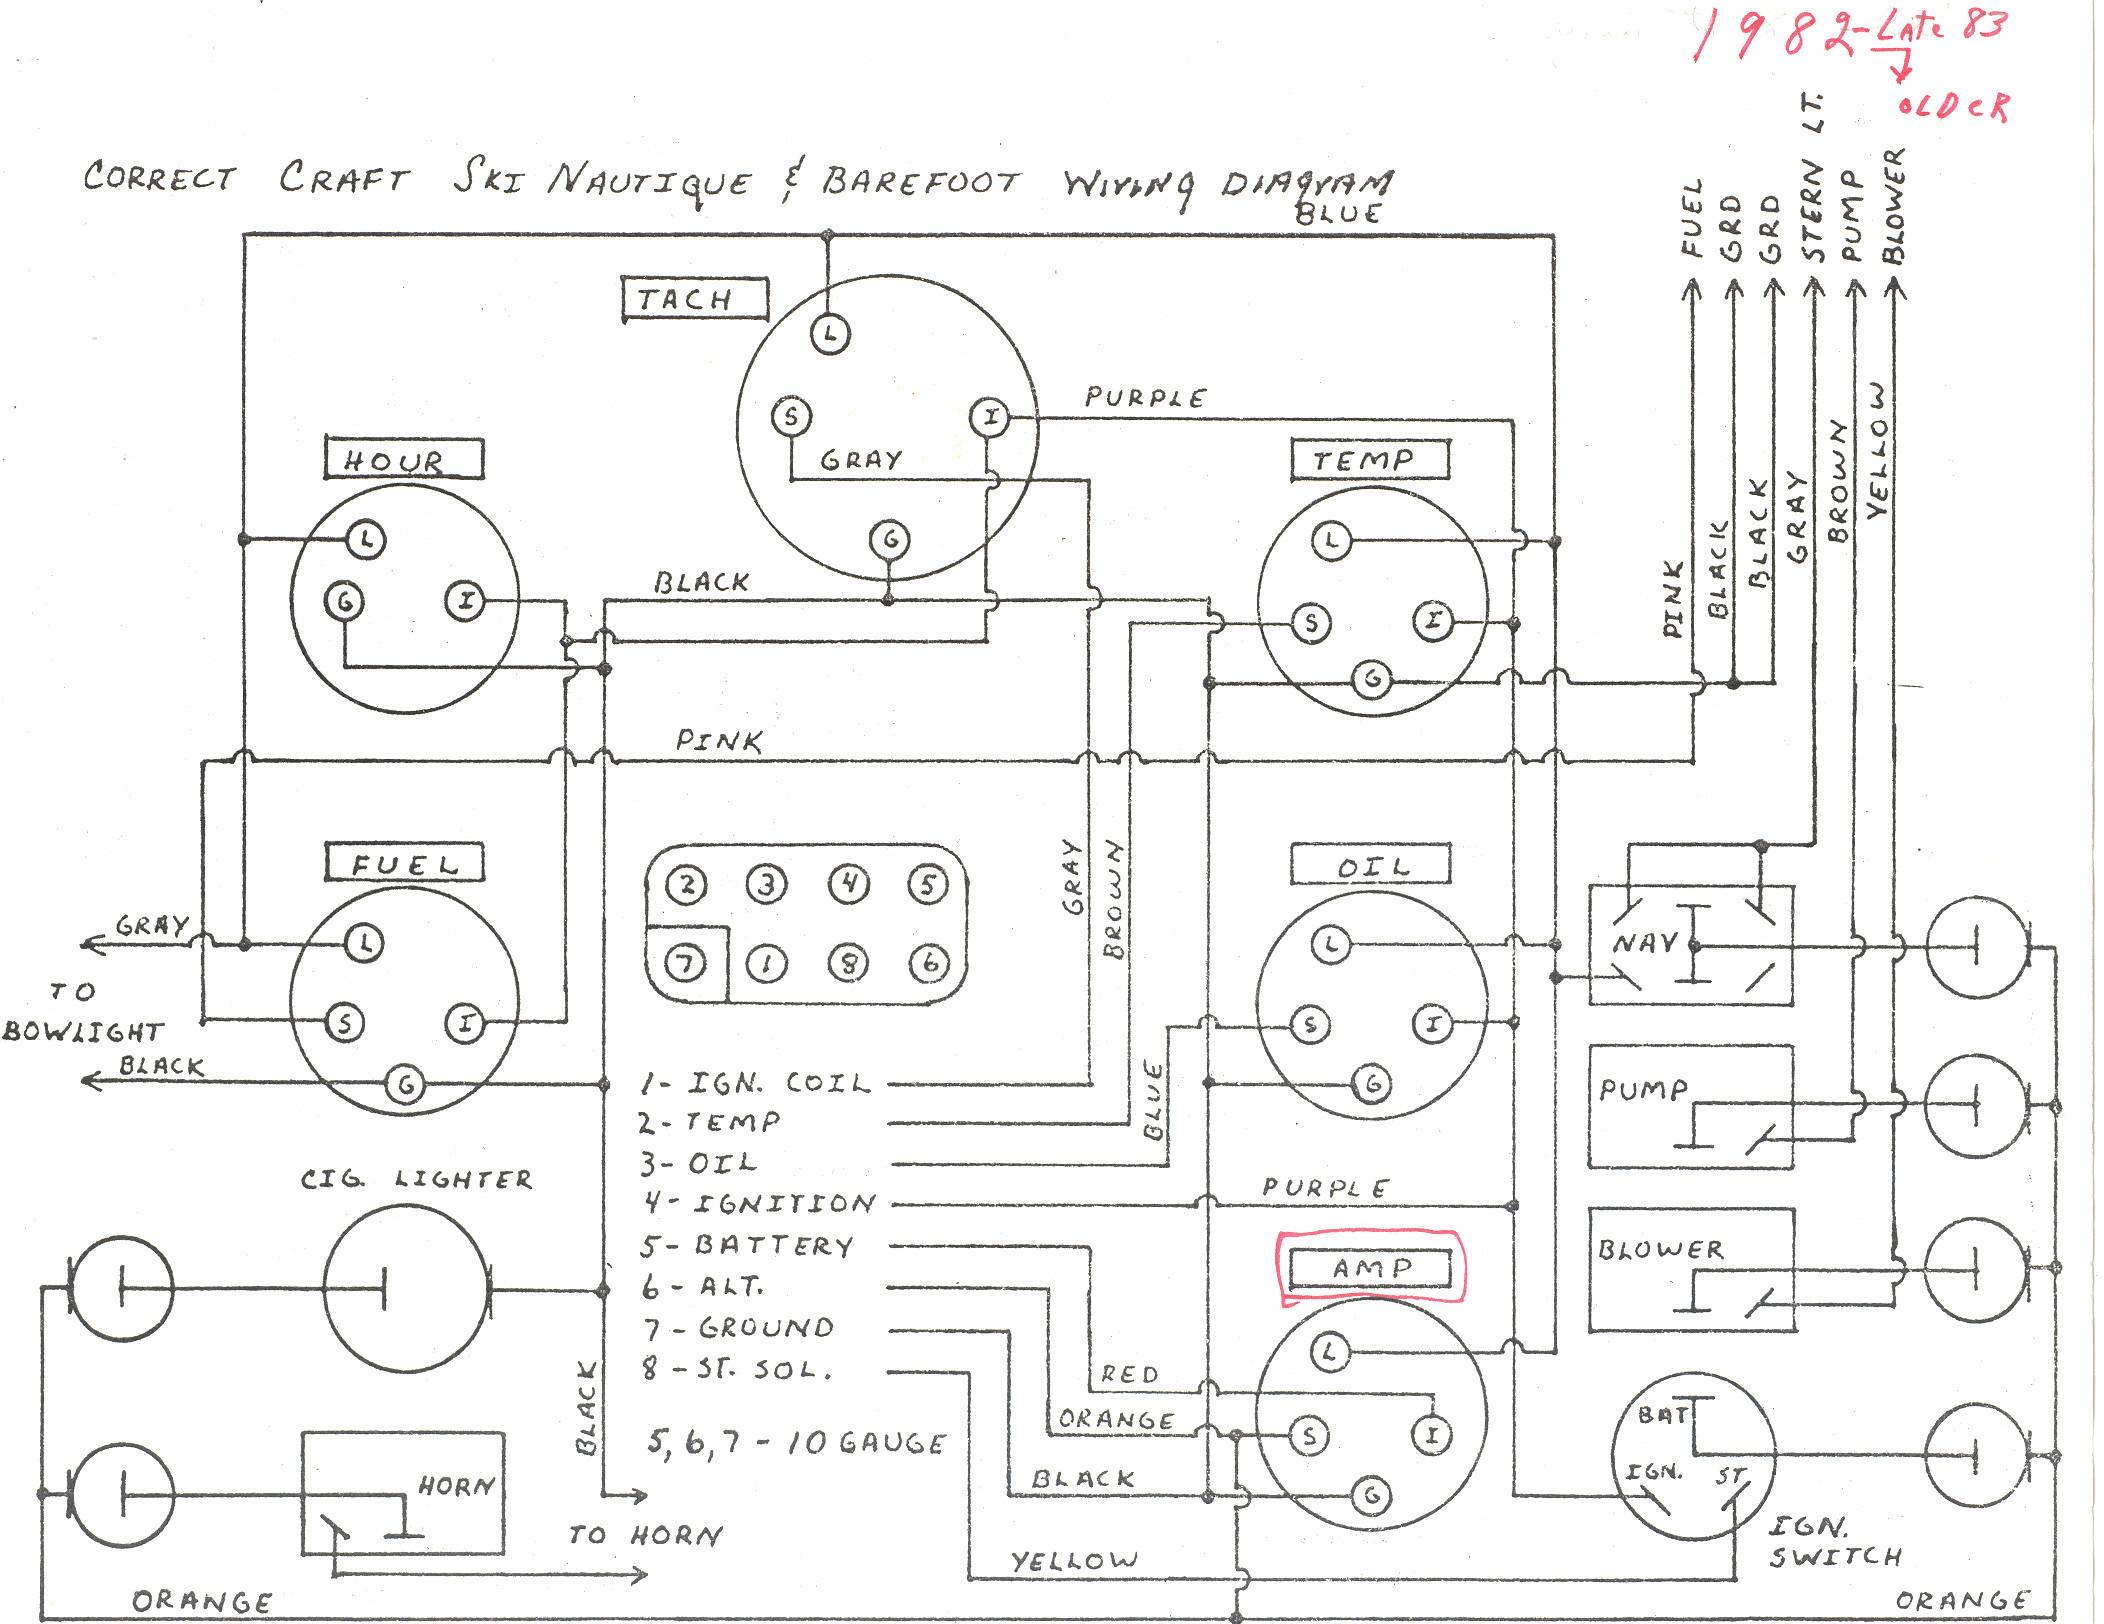 procraft boat wiring diagram repair manual  procraft boat wiring diagram #5